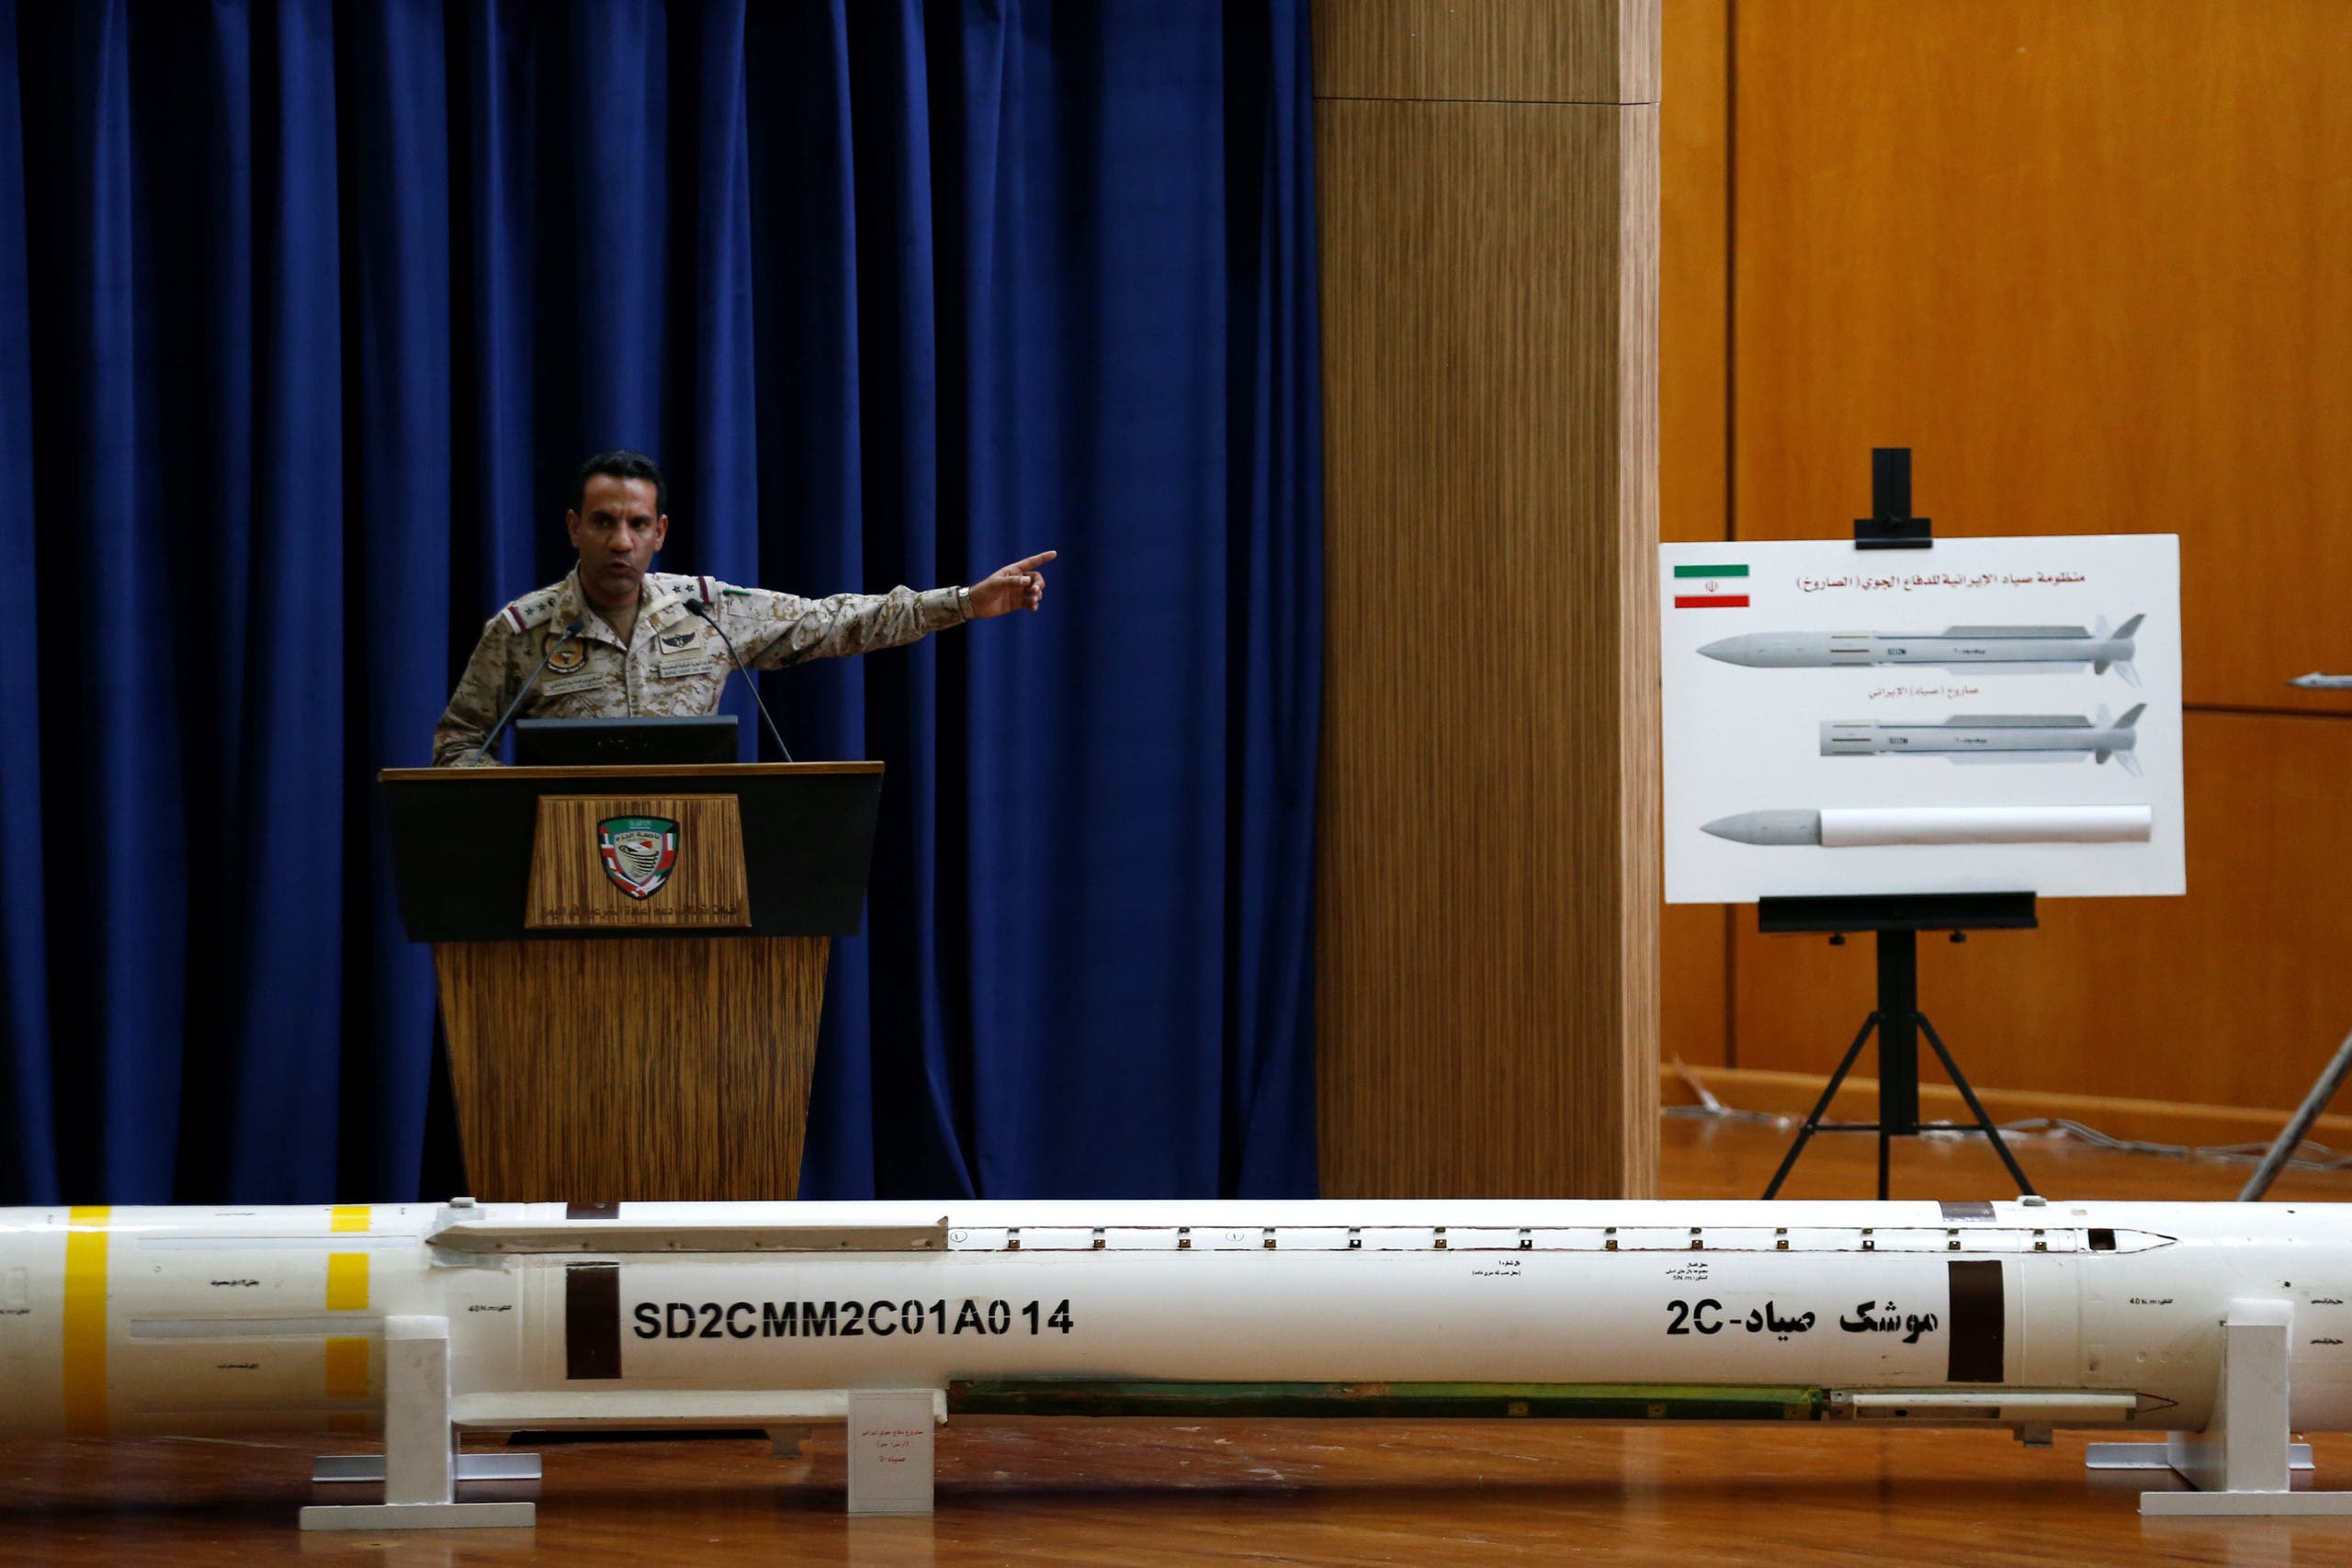 المالكي يعرض أدلة على تزويد إيران الحوثيين بالصواريخ